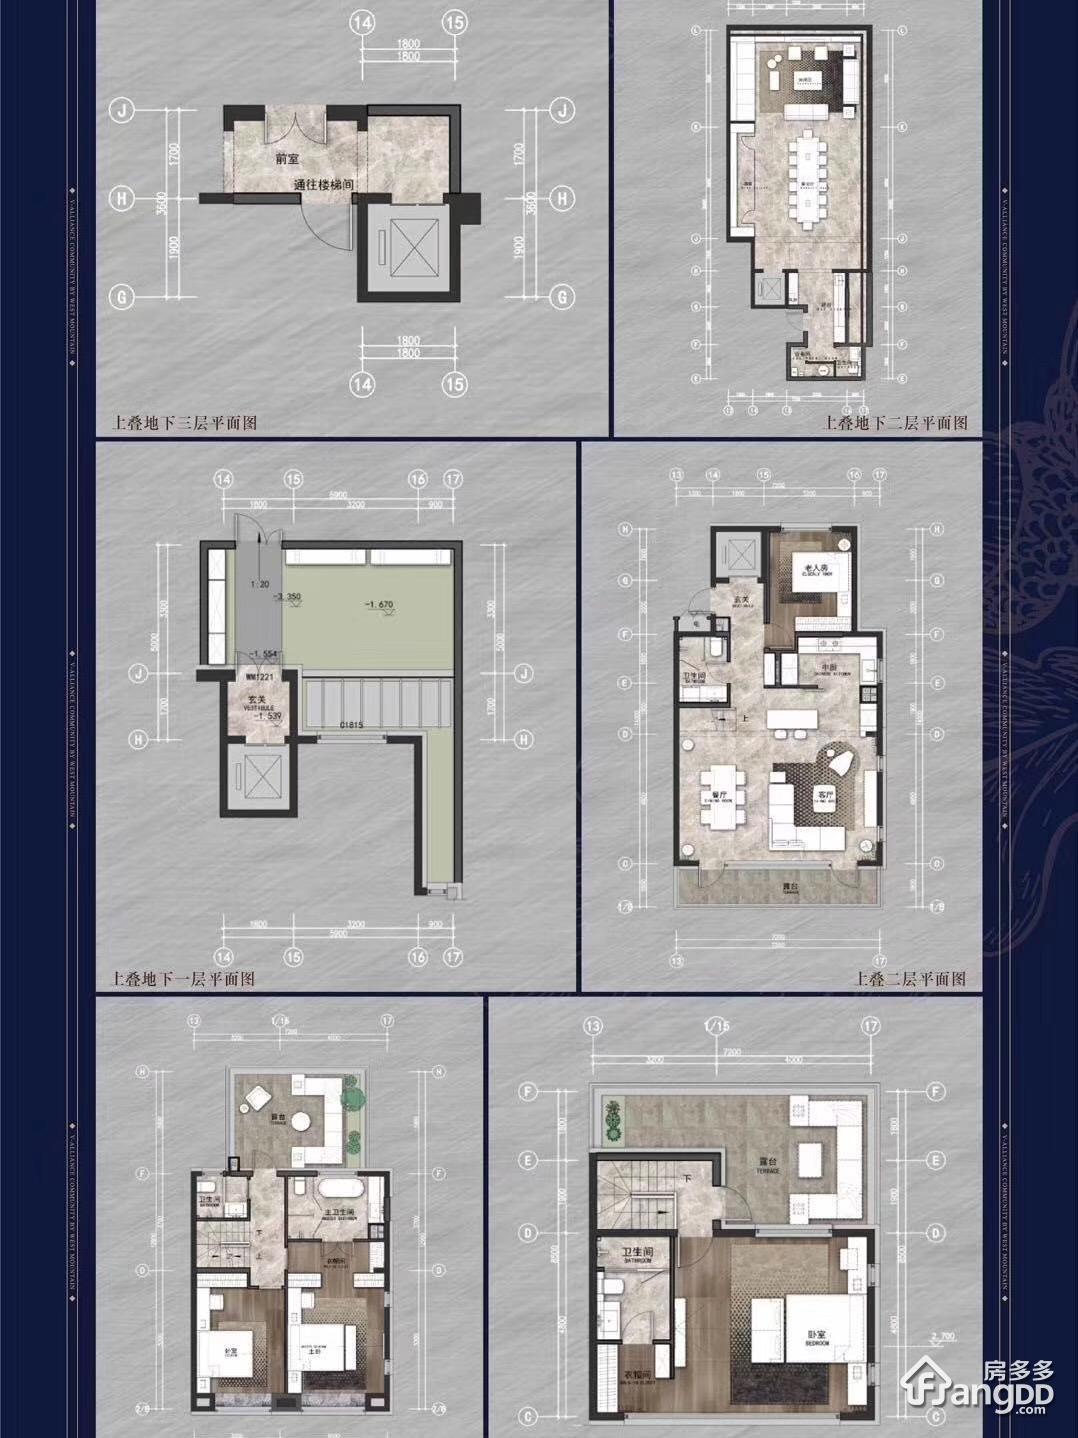 万科七橡墅3室2厅1卫户型图